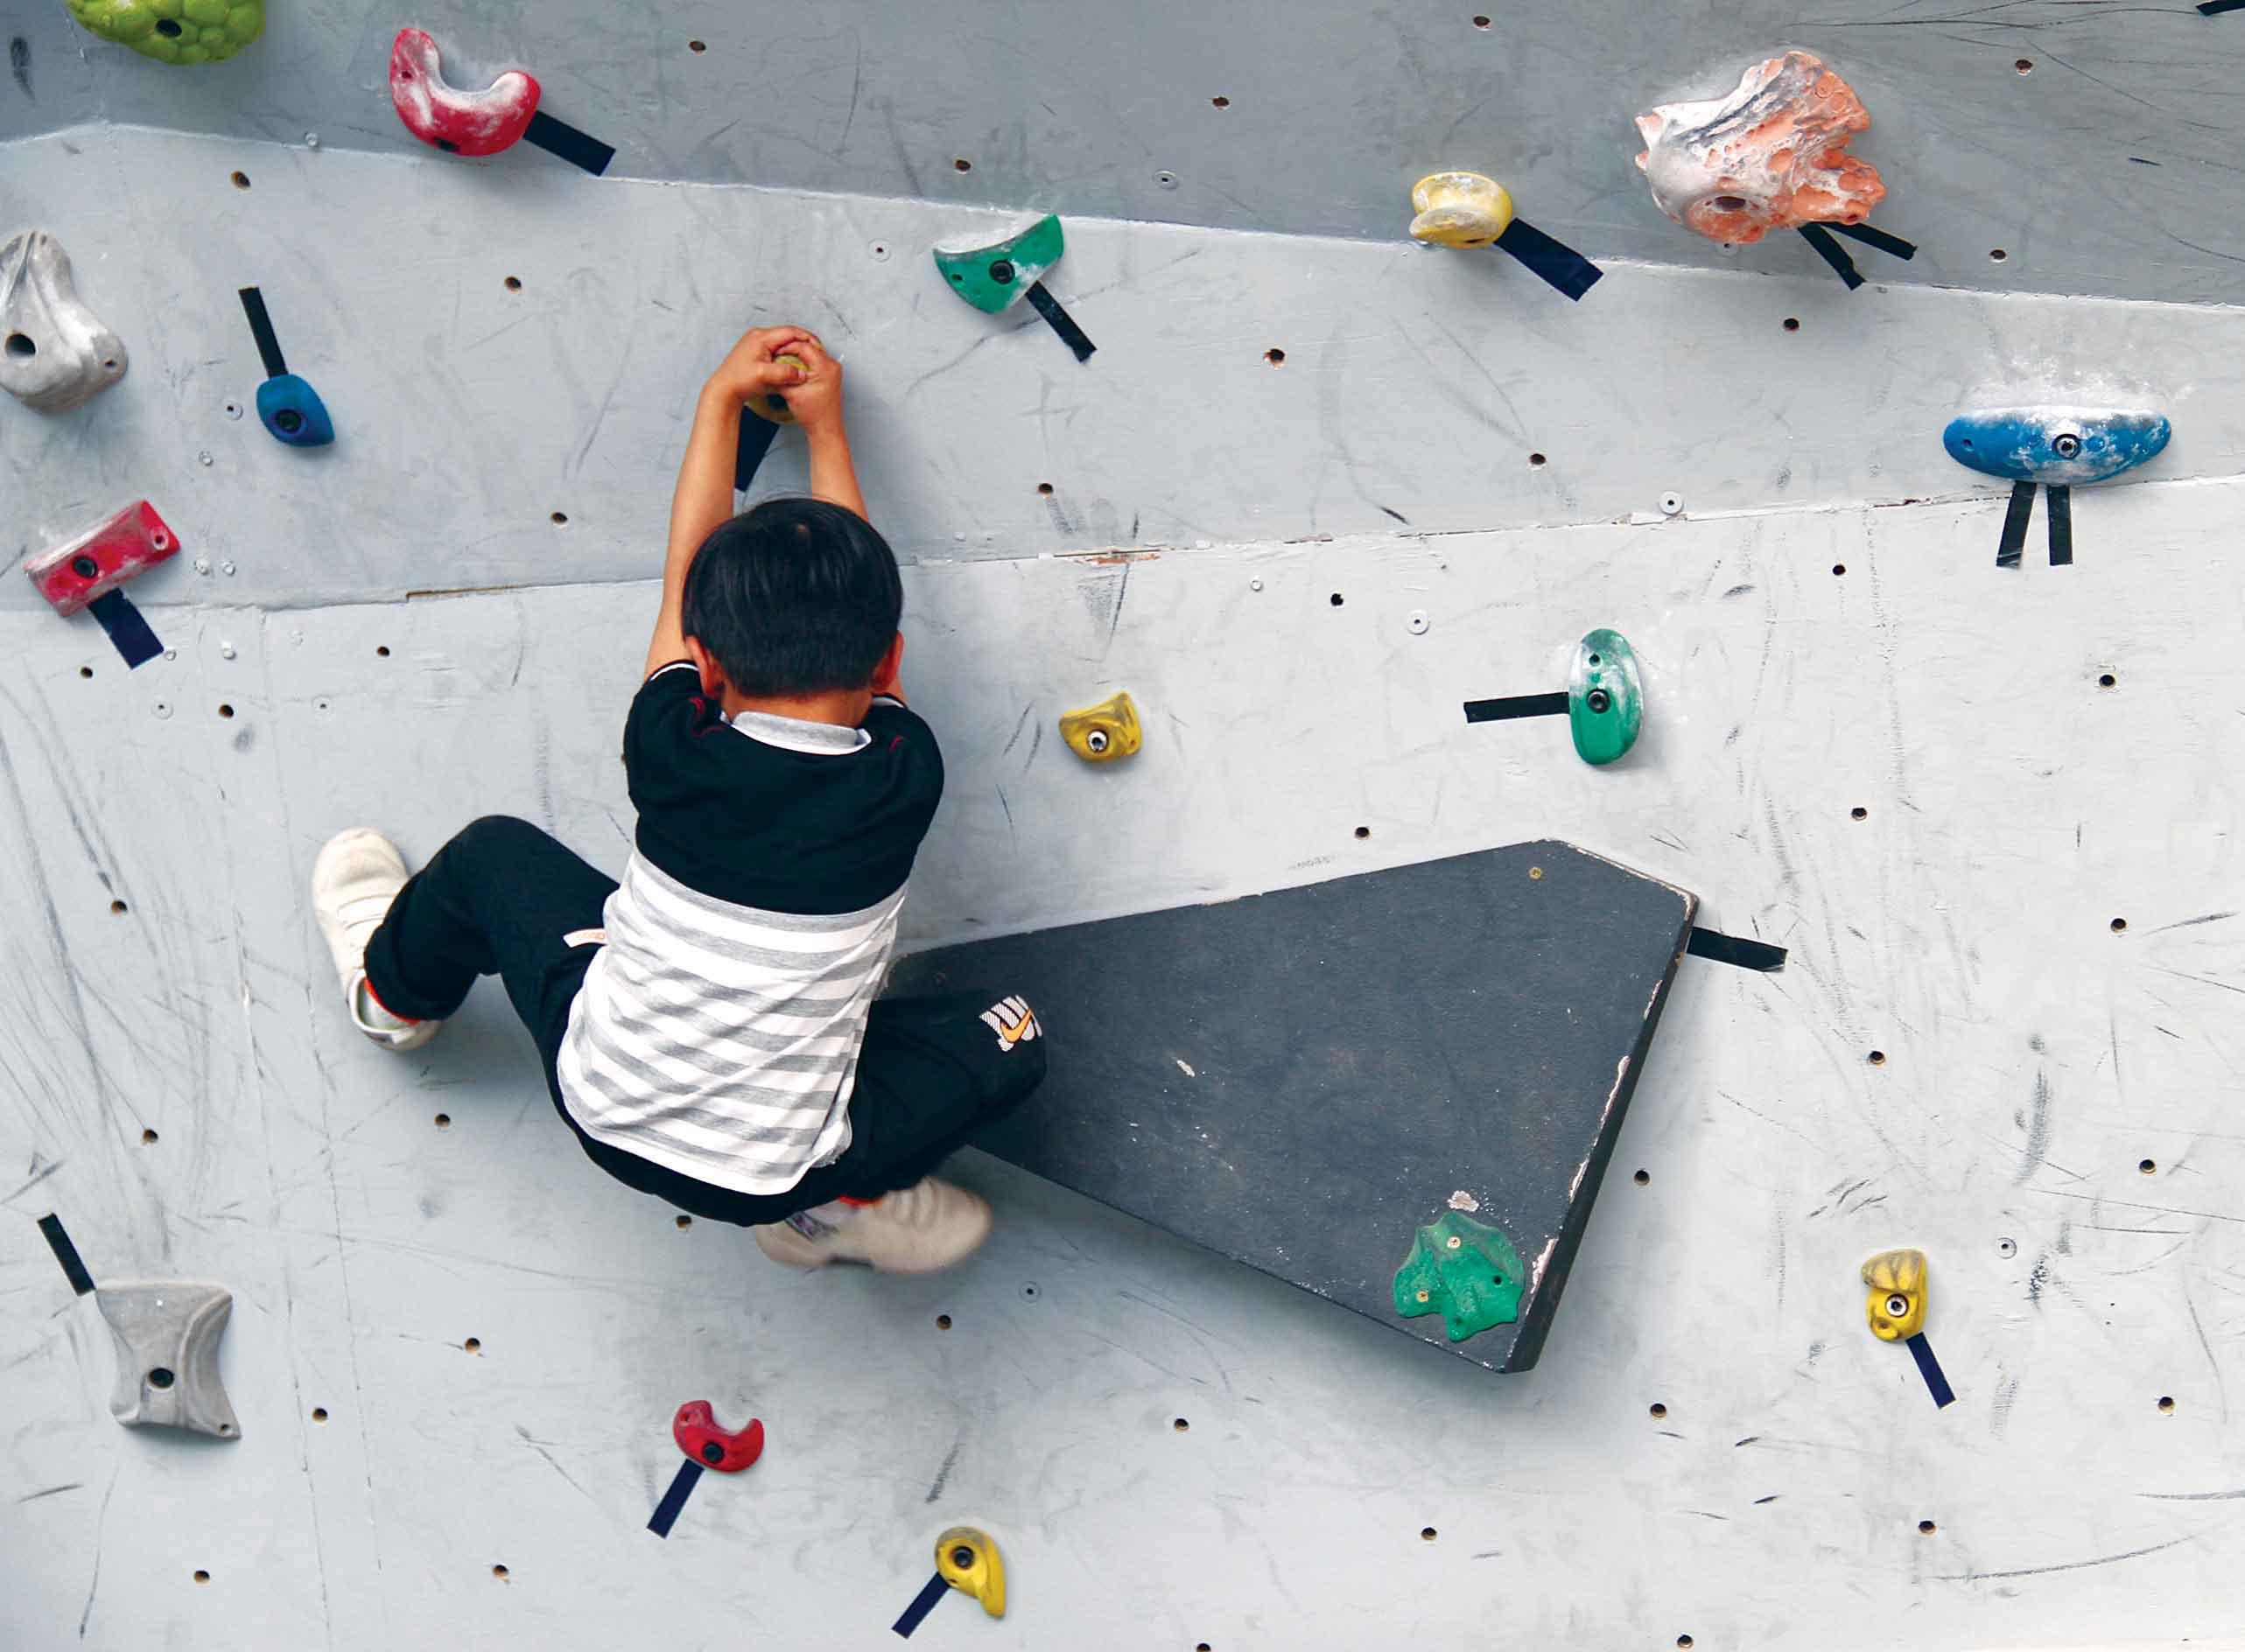 Hone Your Climbing Skills